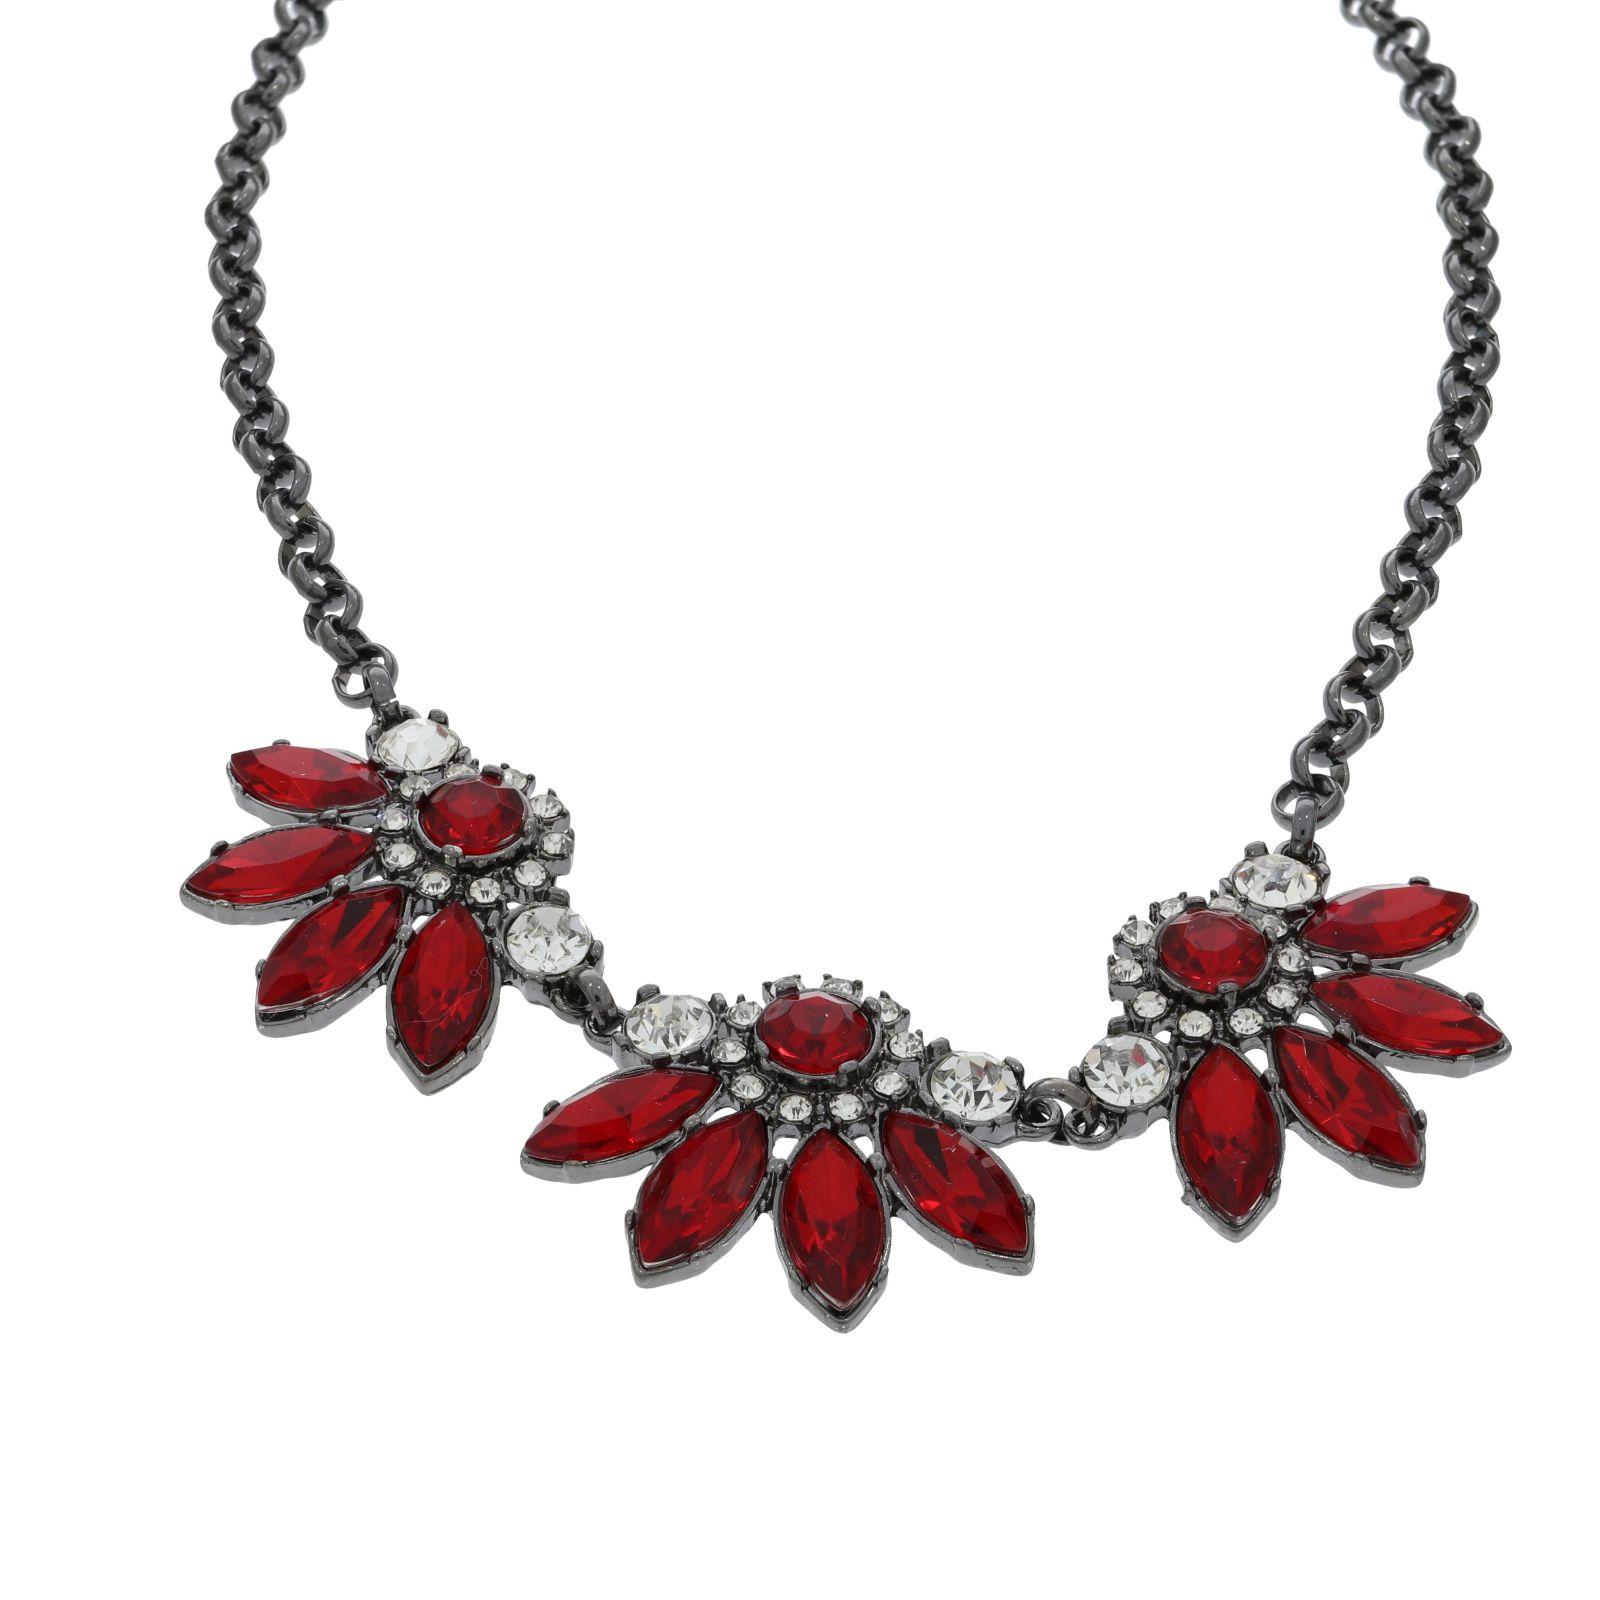 Náhrdelník s červenými půlkvěty